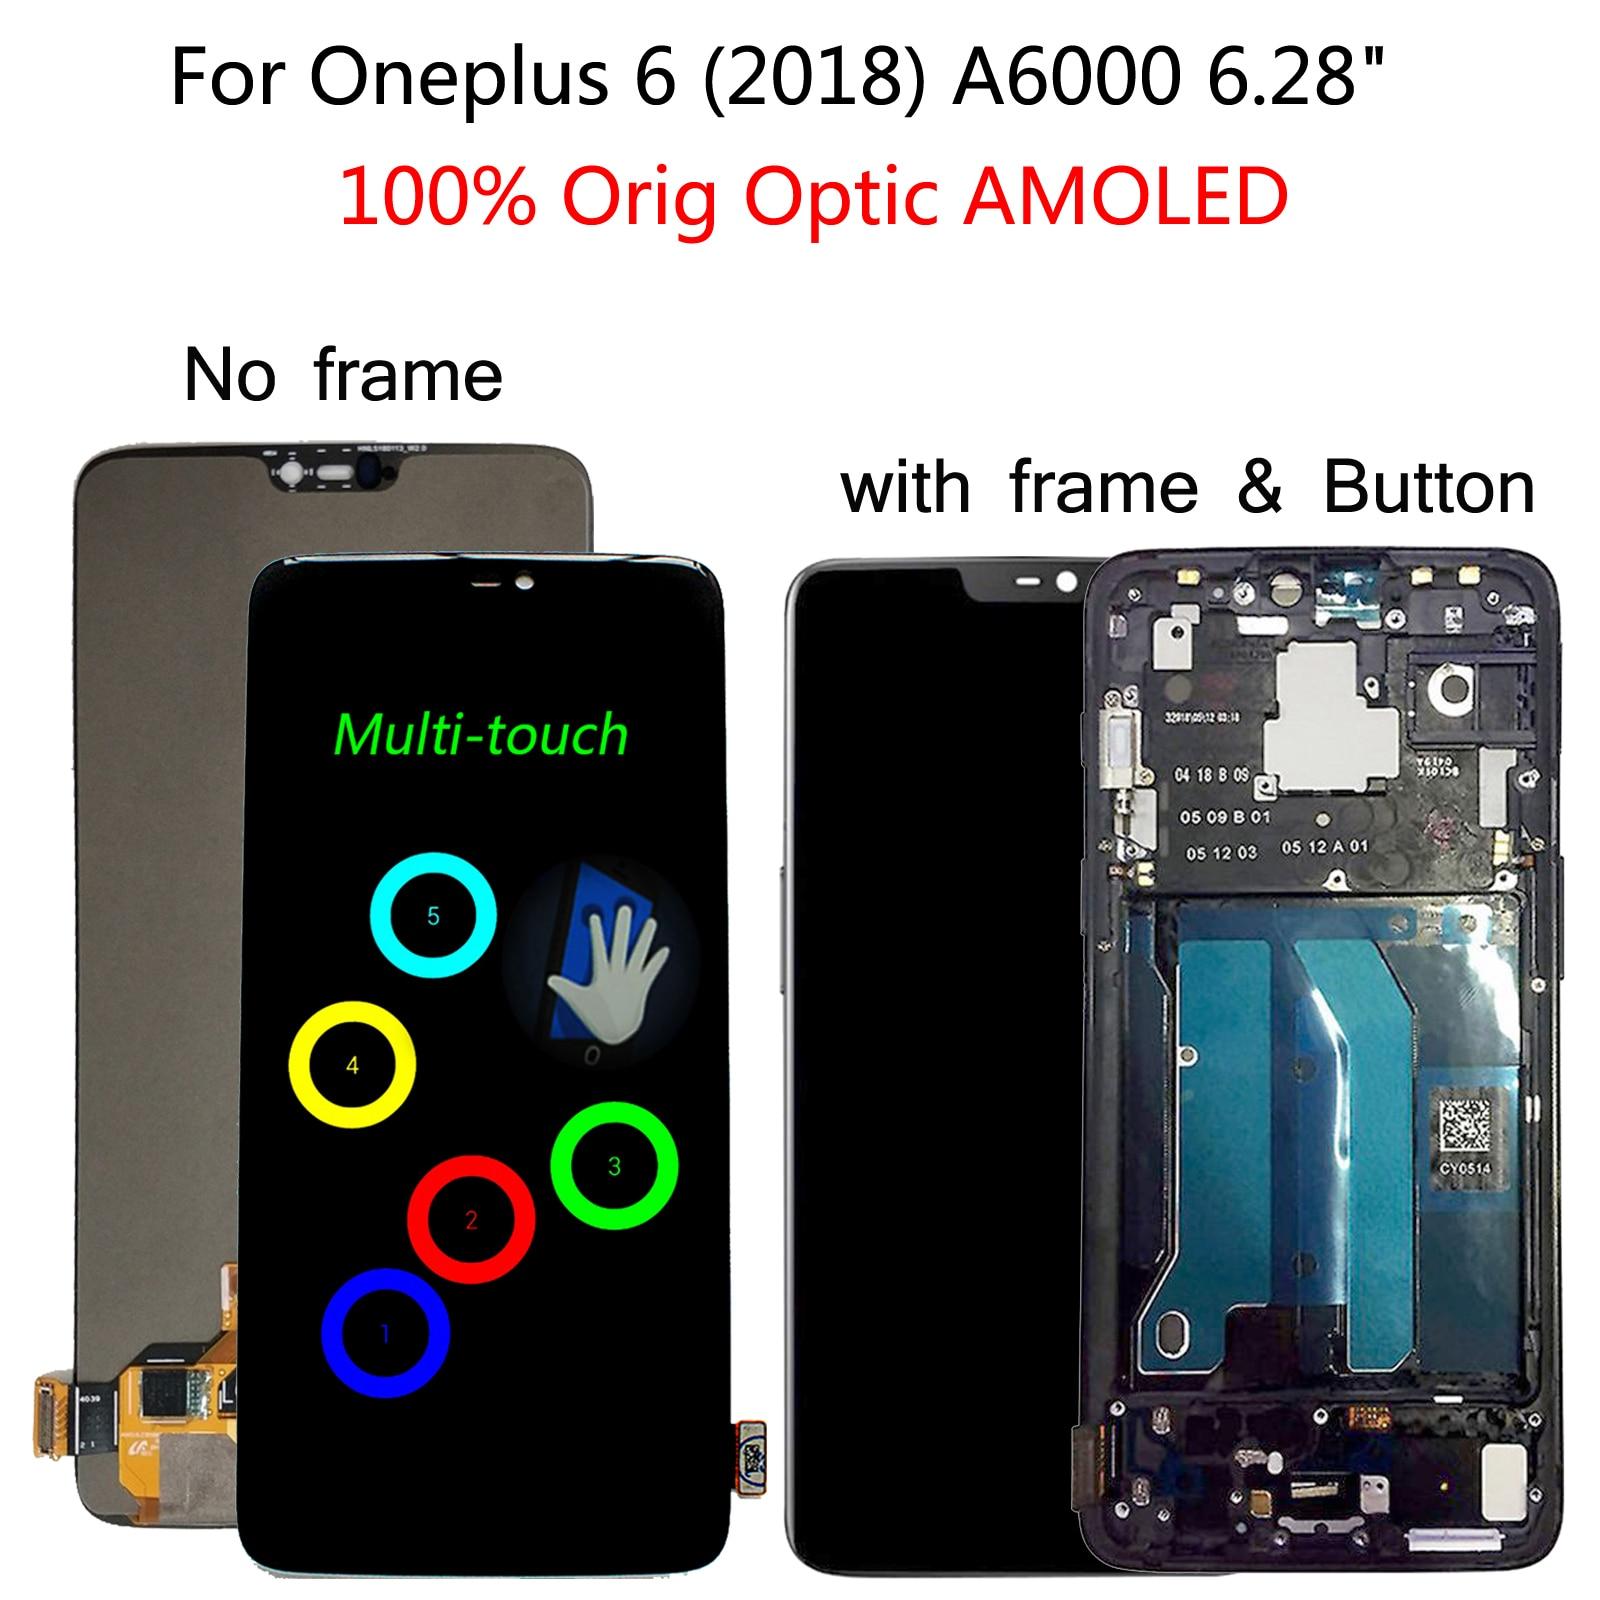 """מיכל אסלה חרסה Shyueda רי""""י עבור OnePlus 6 1 + 6 (2018) A6000 6.28"""" Digitizer מסך מגע תצוגה LCD עם כלים (1)"""